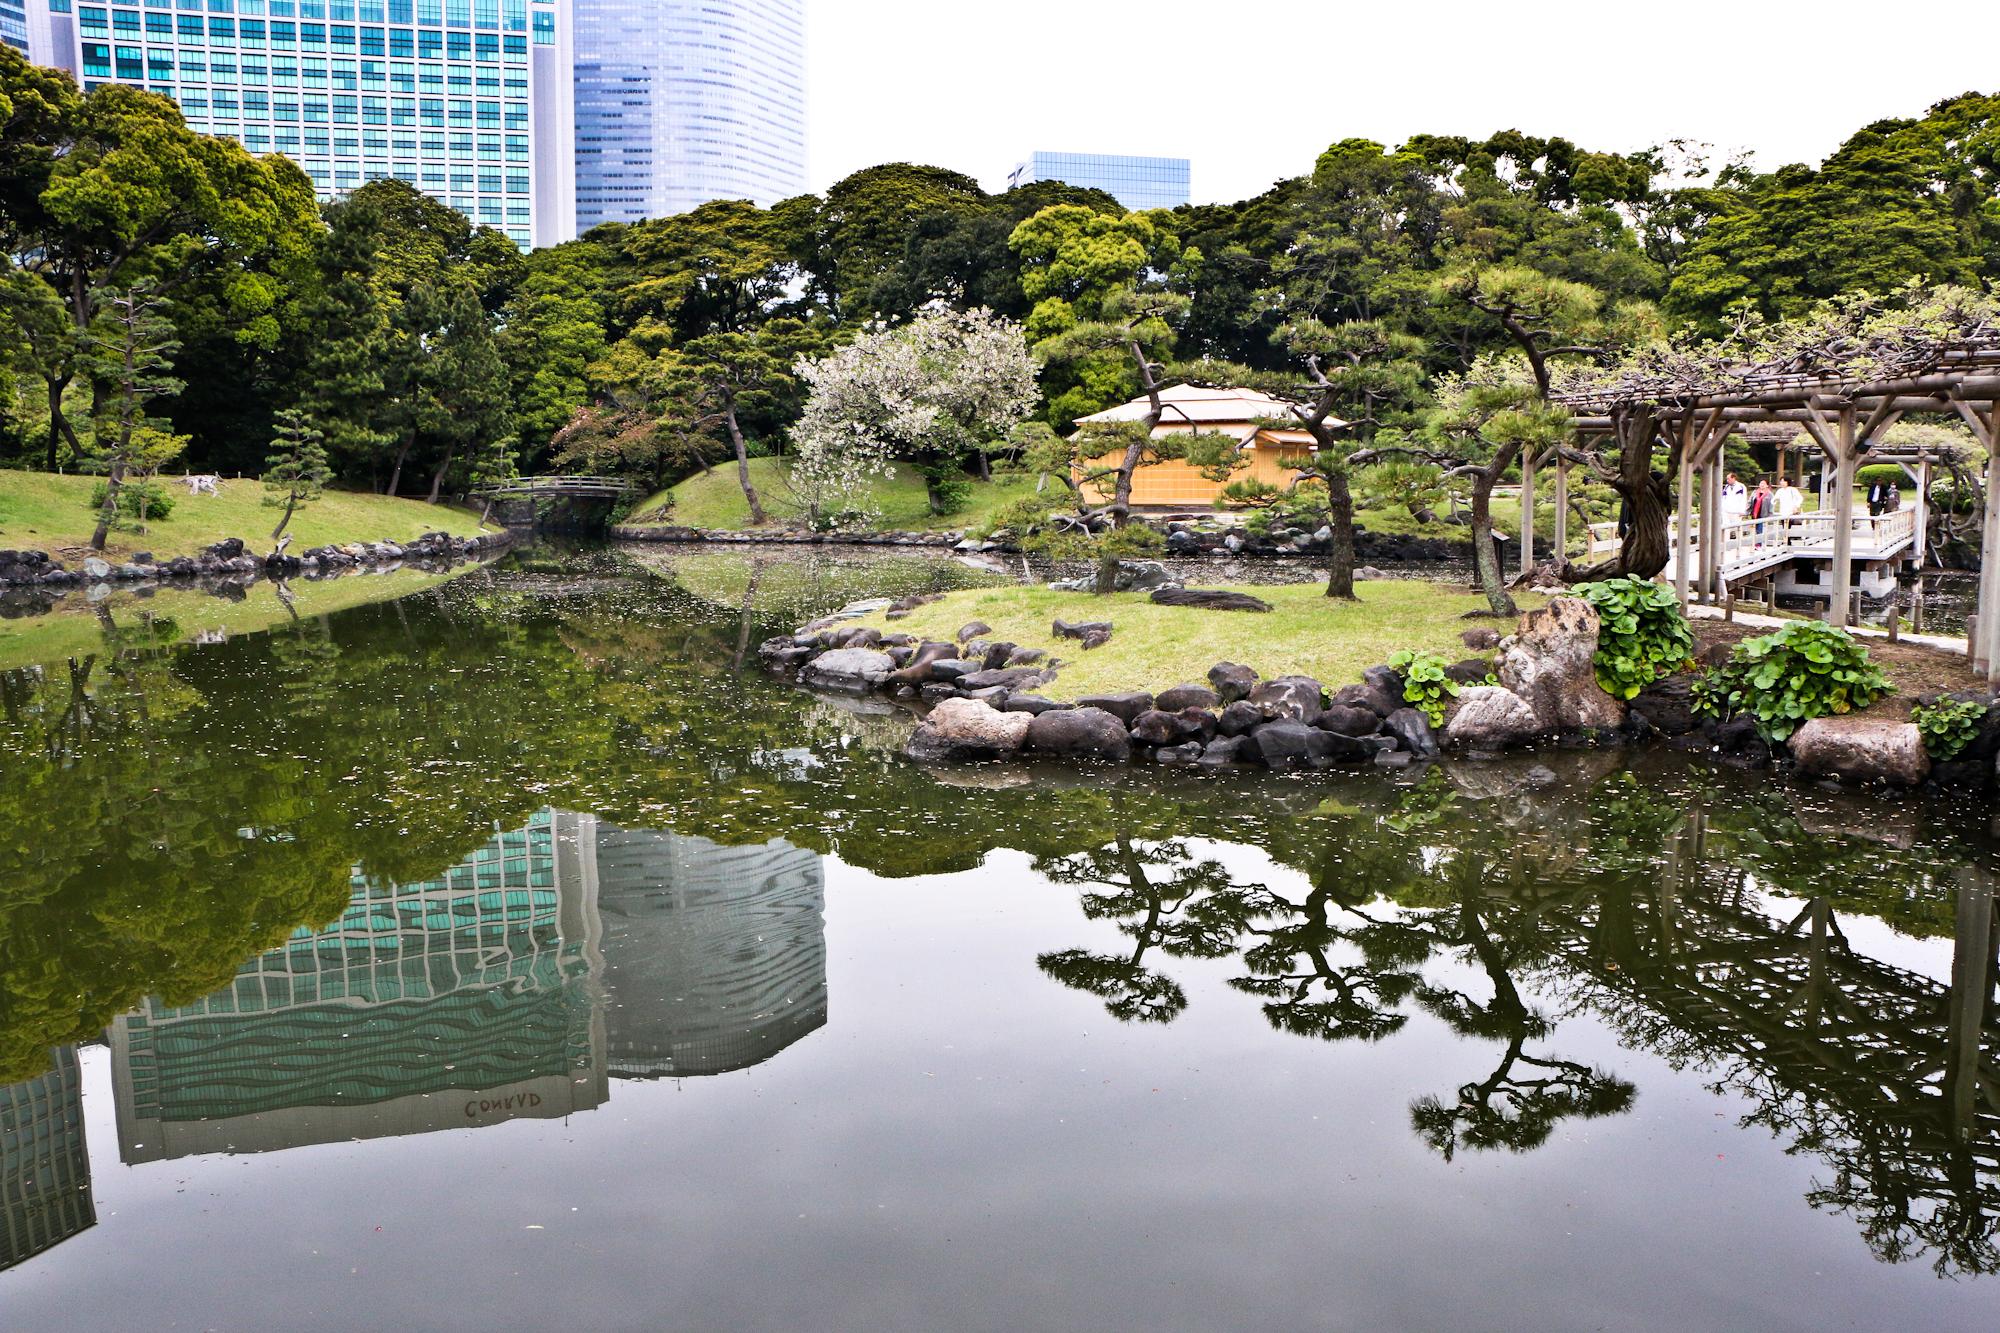 Hama-rikyu Gardens/Shimbashi, Tokyo